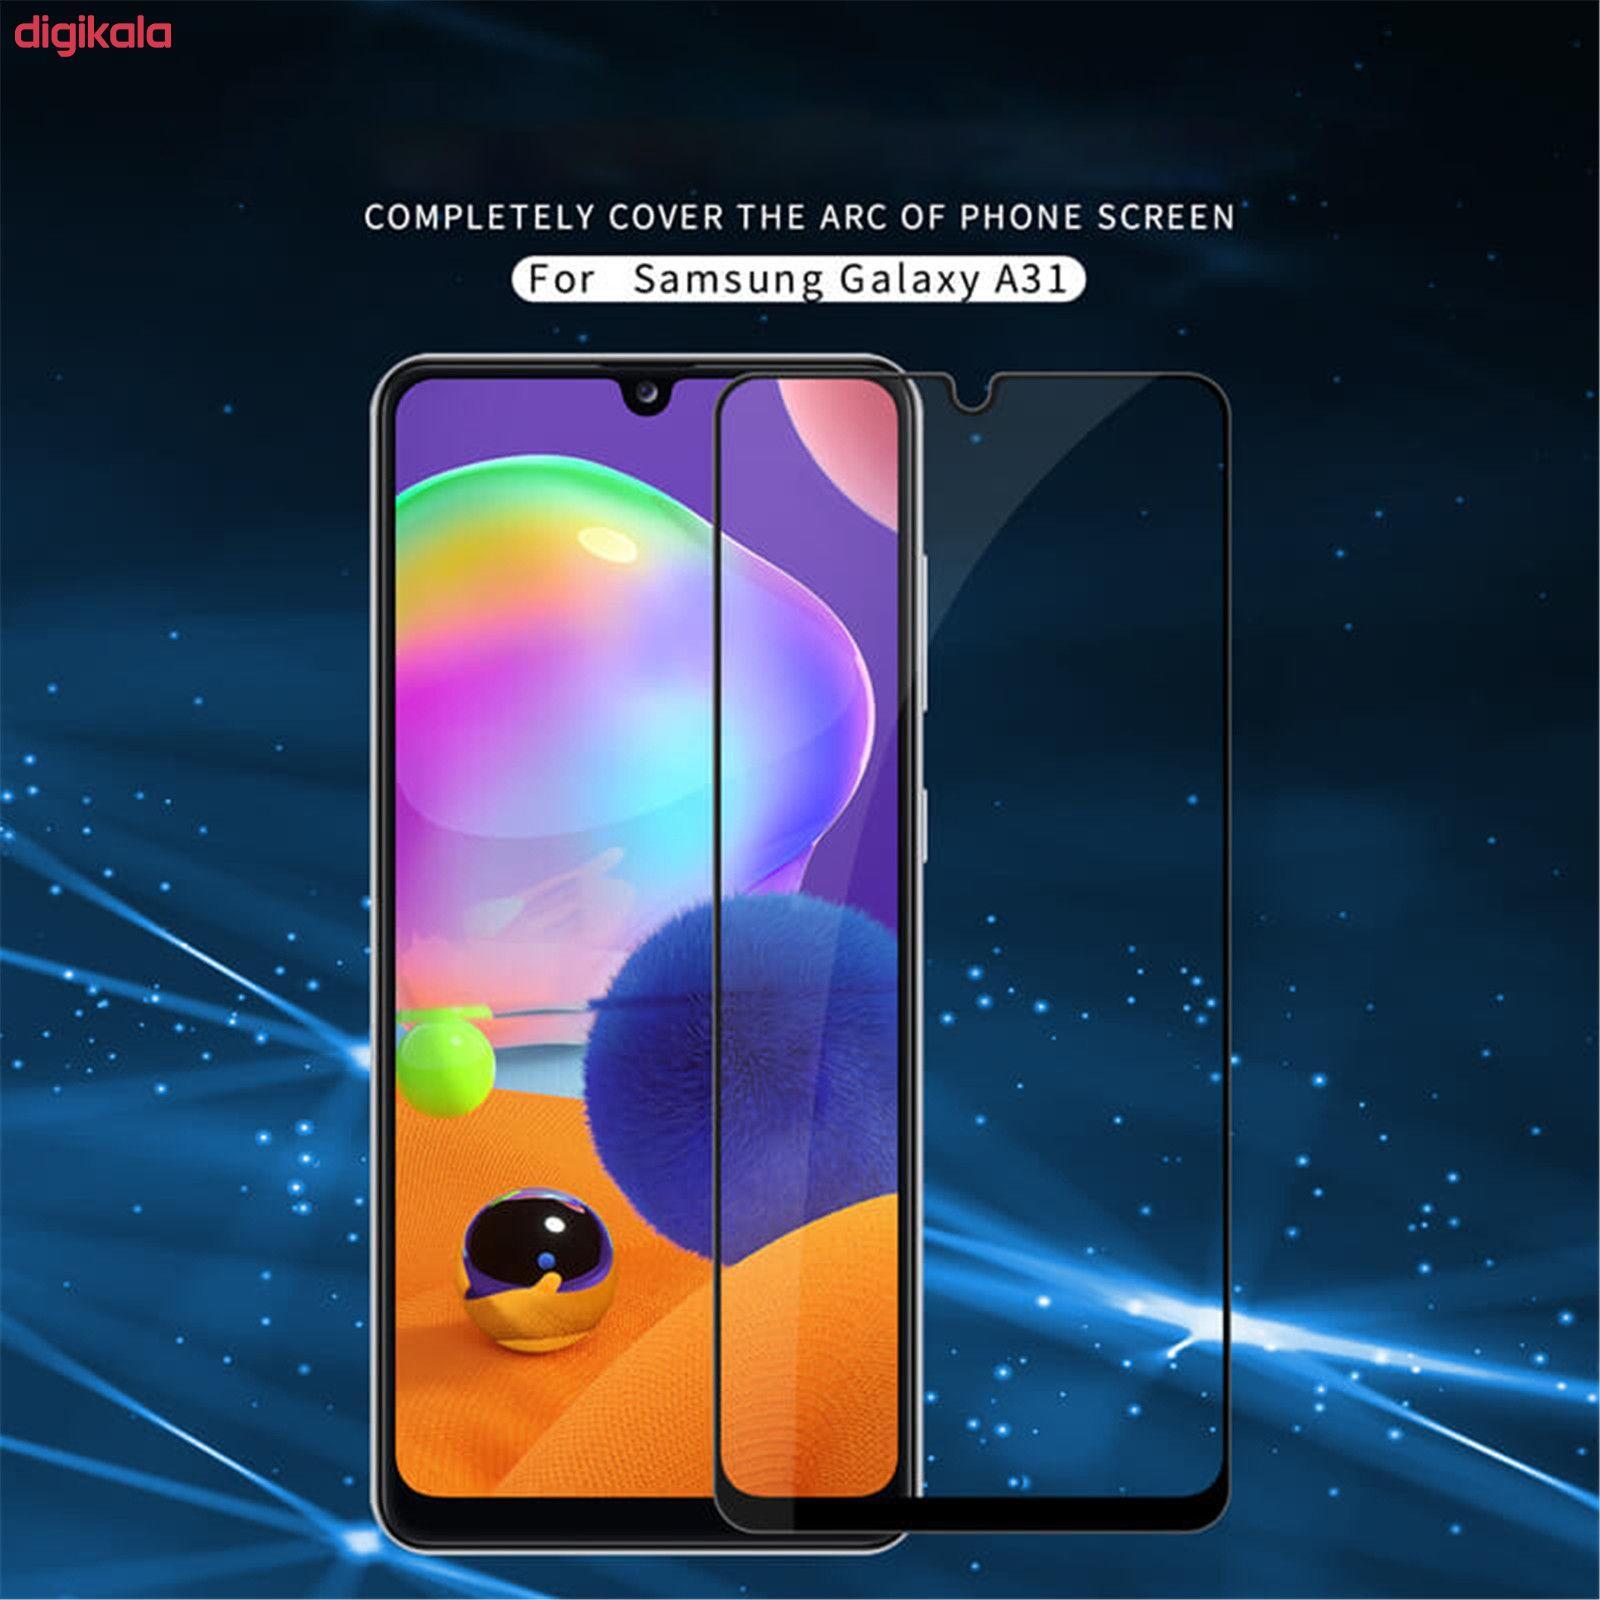 محافظ صفحه نمایش فوکس مدل PT001 مناسب برای گوشی موبایل سامسونگ Galaxy A31 main 1 12